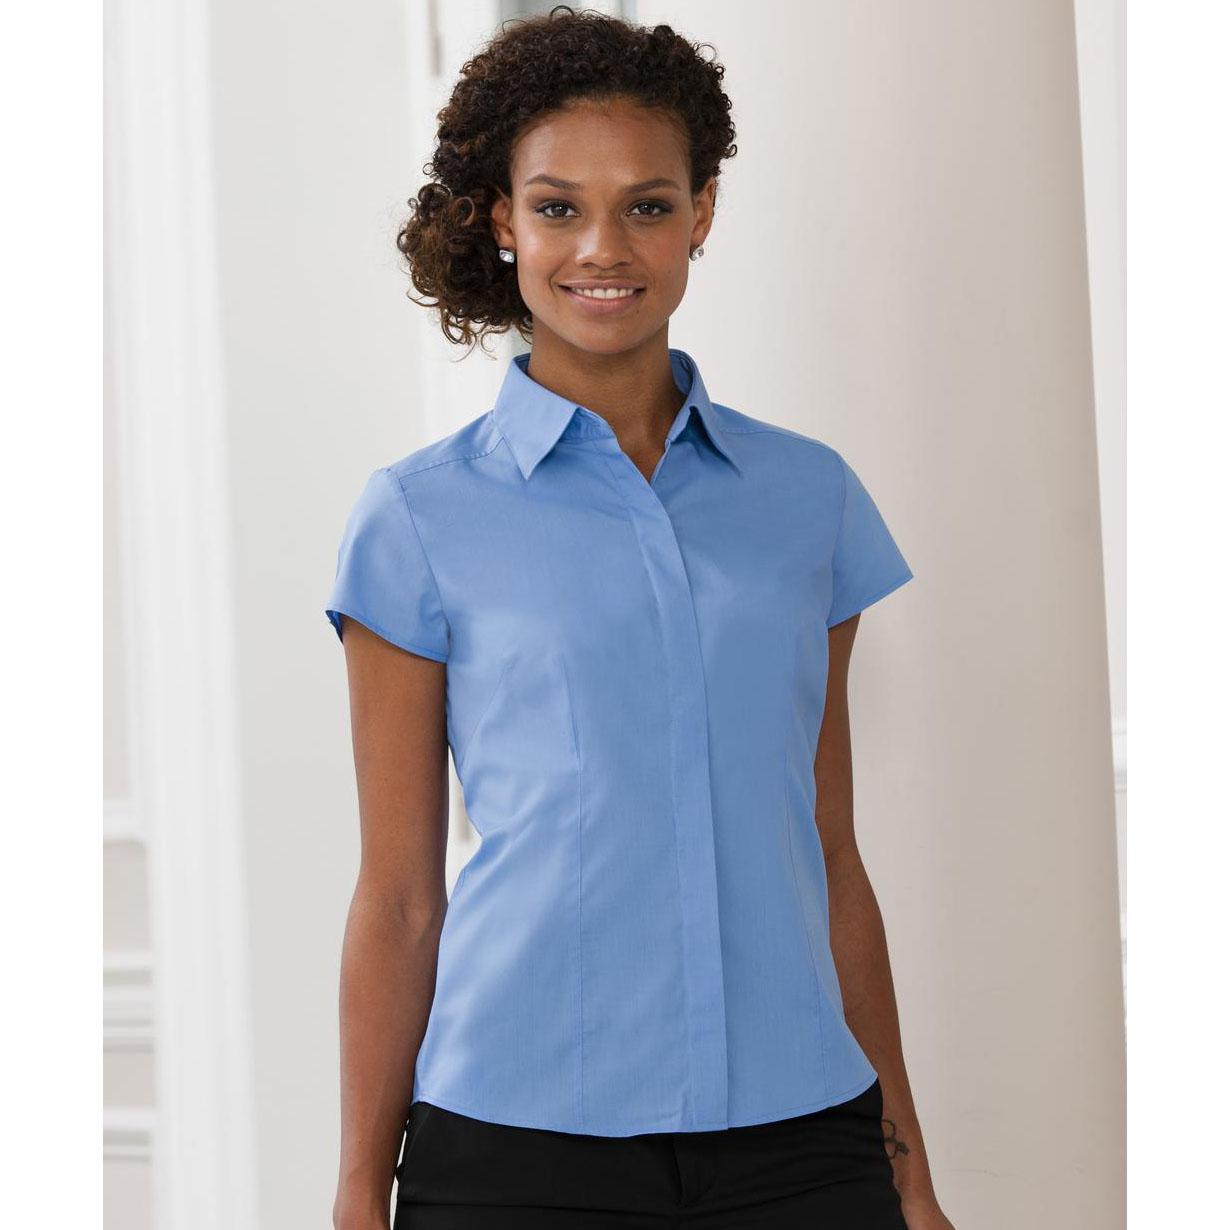 reputable site e0195 37160 Camicia Donna Russel Popeline manica corta - Camicie ...